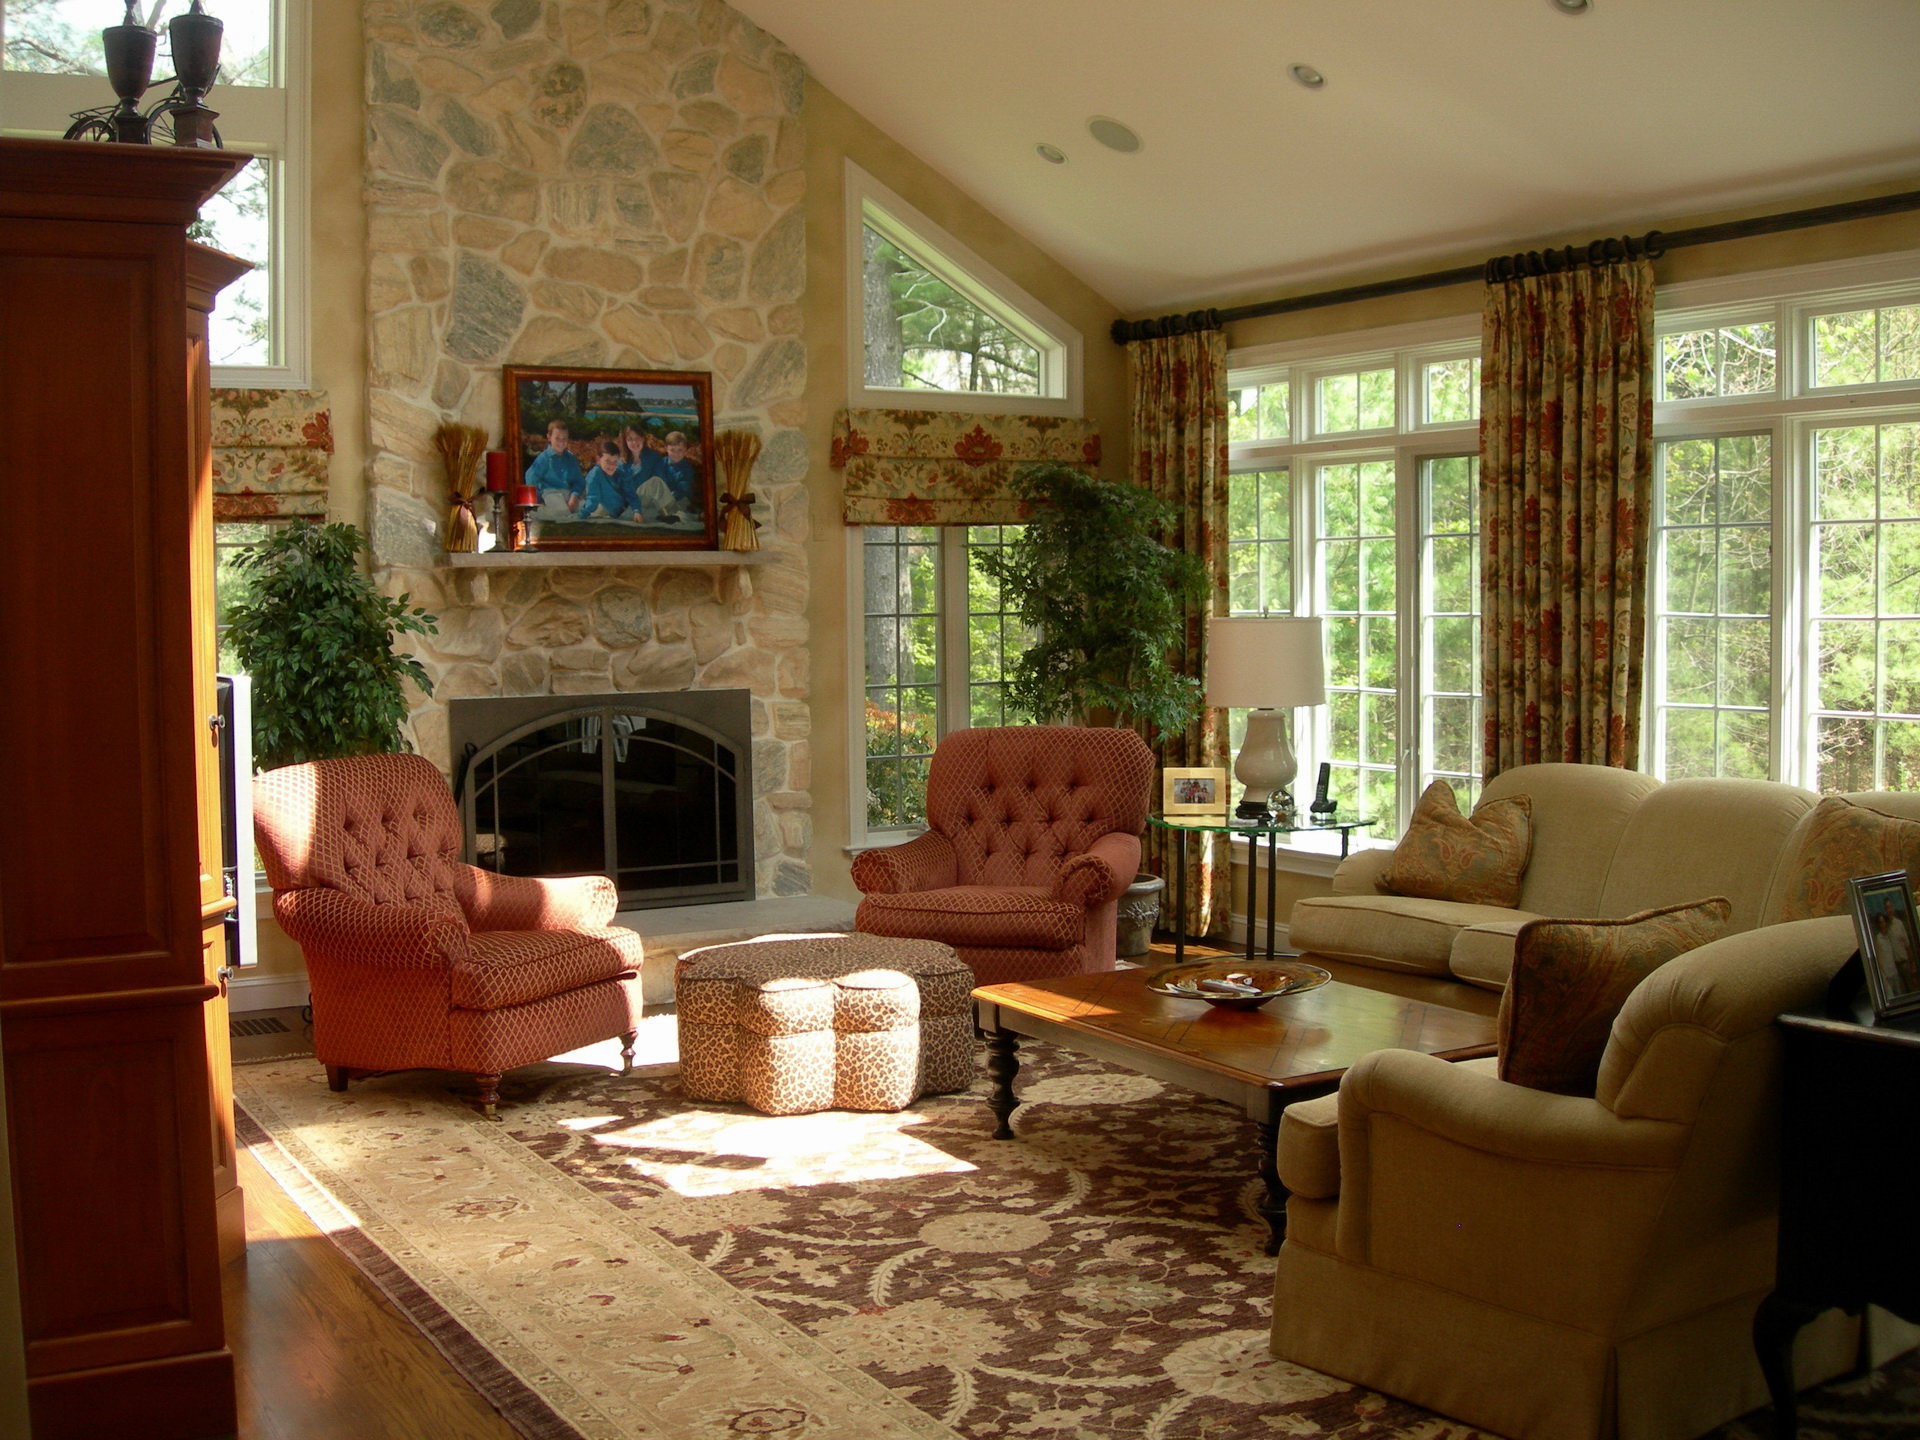 Fotos Wohnzimmer Zimmer Innenarchitektur Sessel Teppich